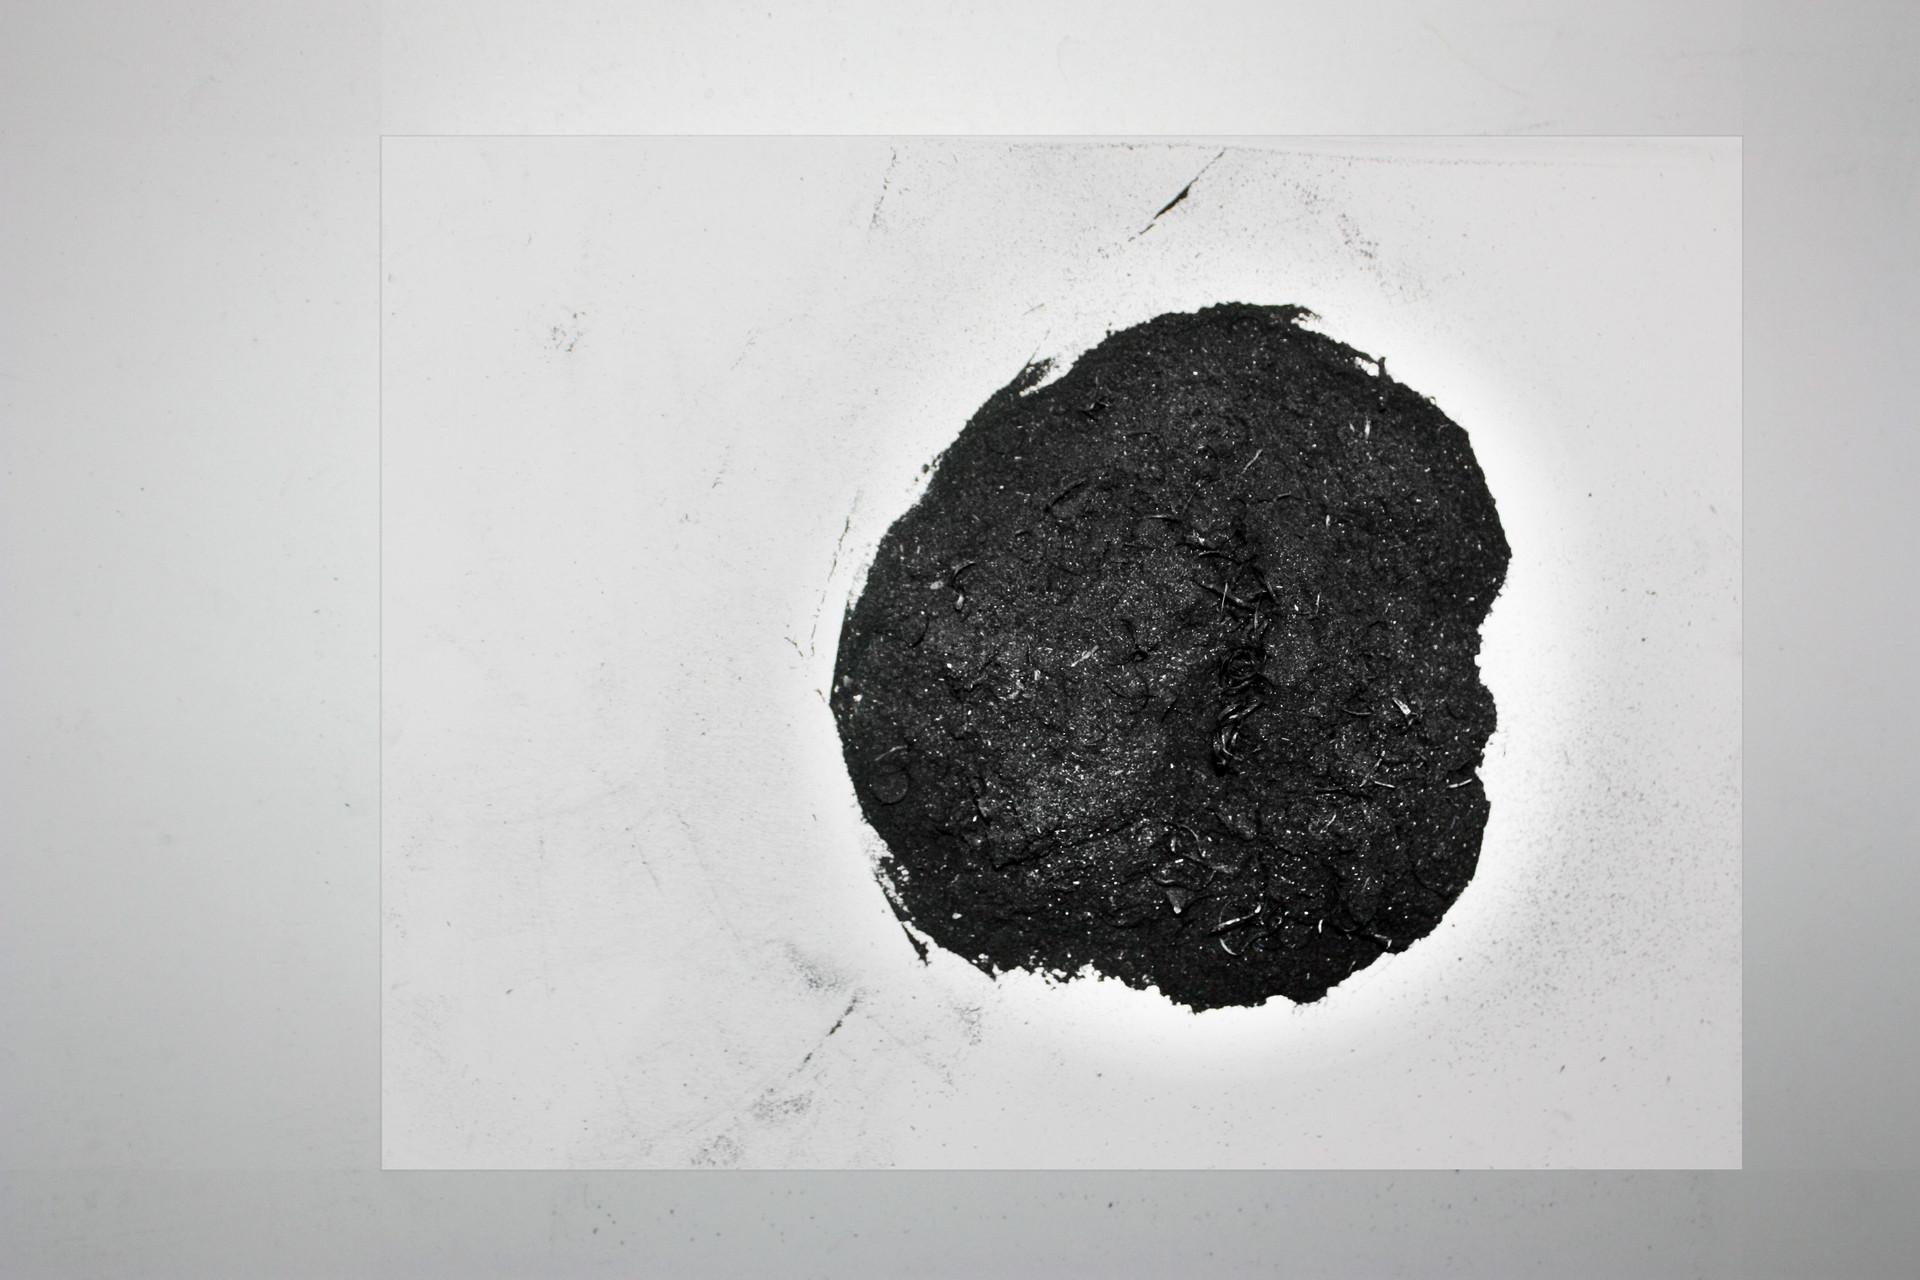 Ari Benjamin Meyers / Gallery Esther Schipper